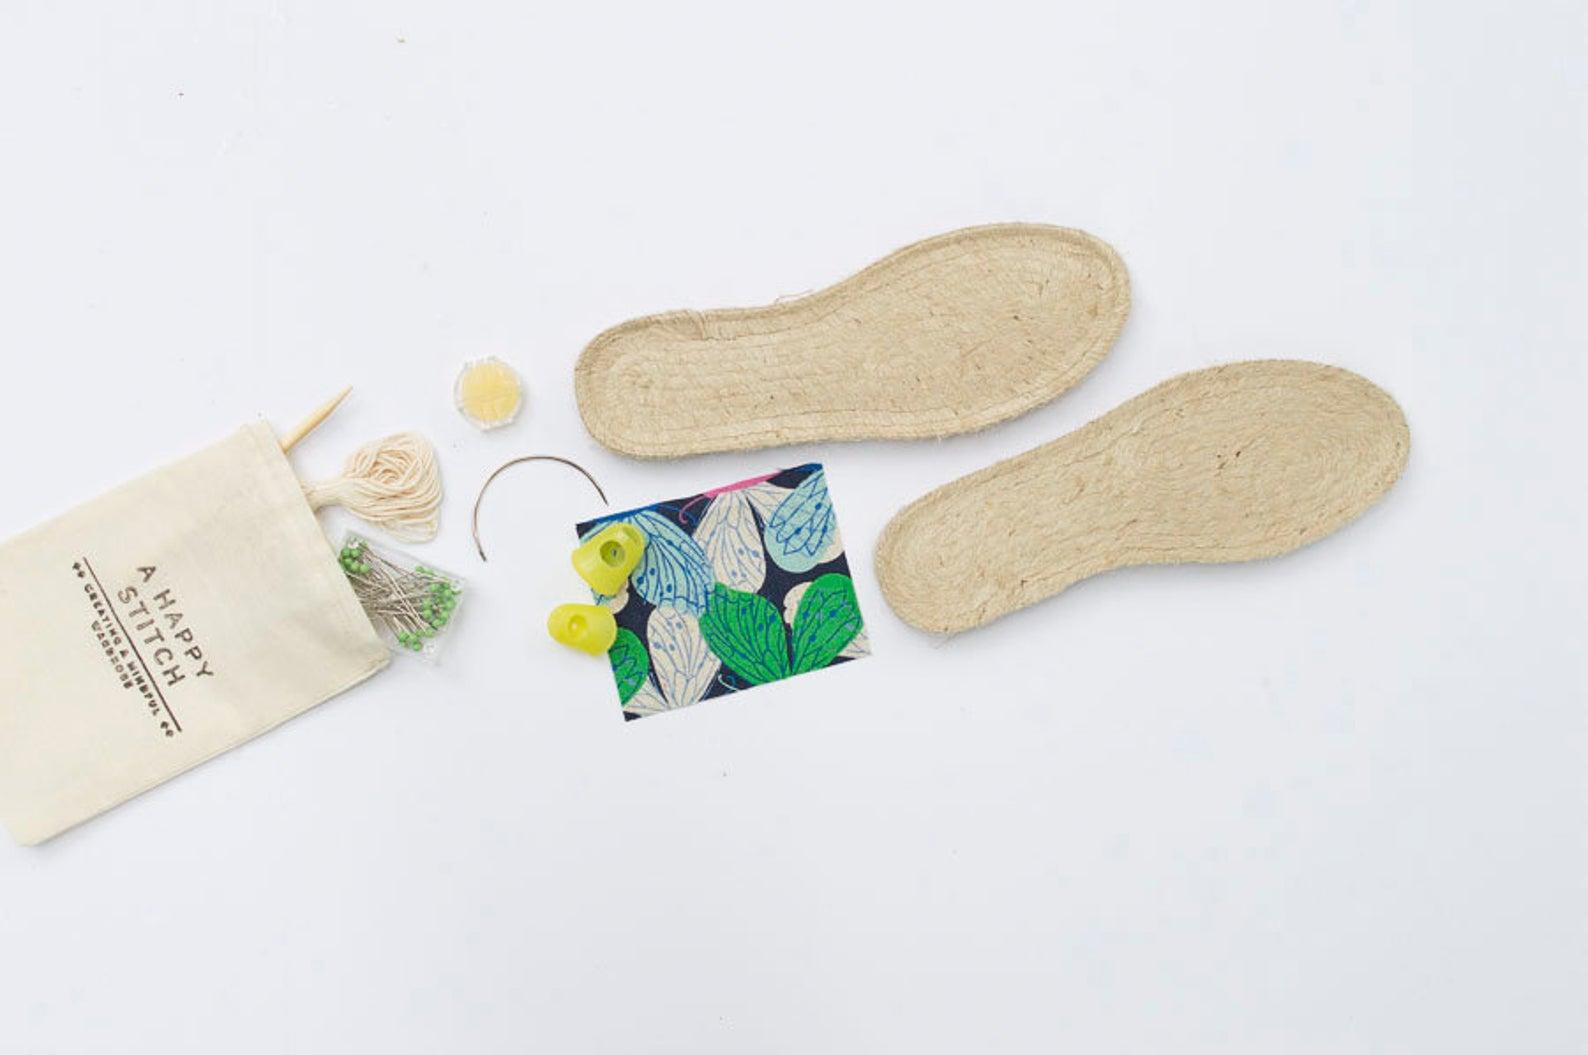 diy espadrille show sewing kit